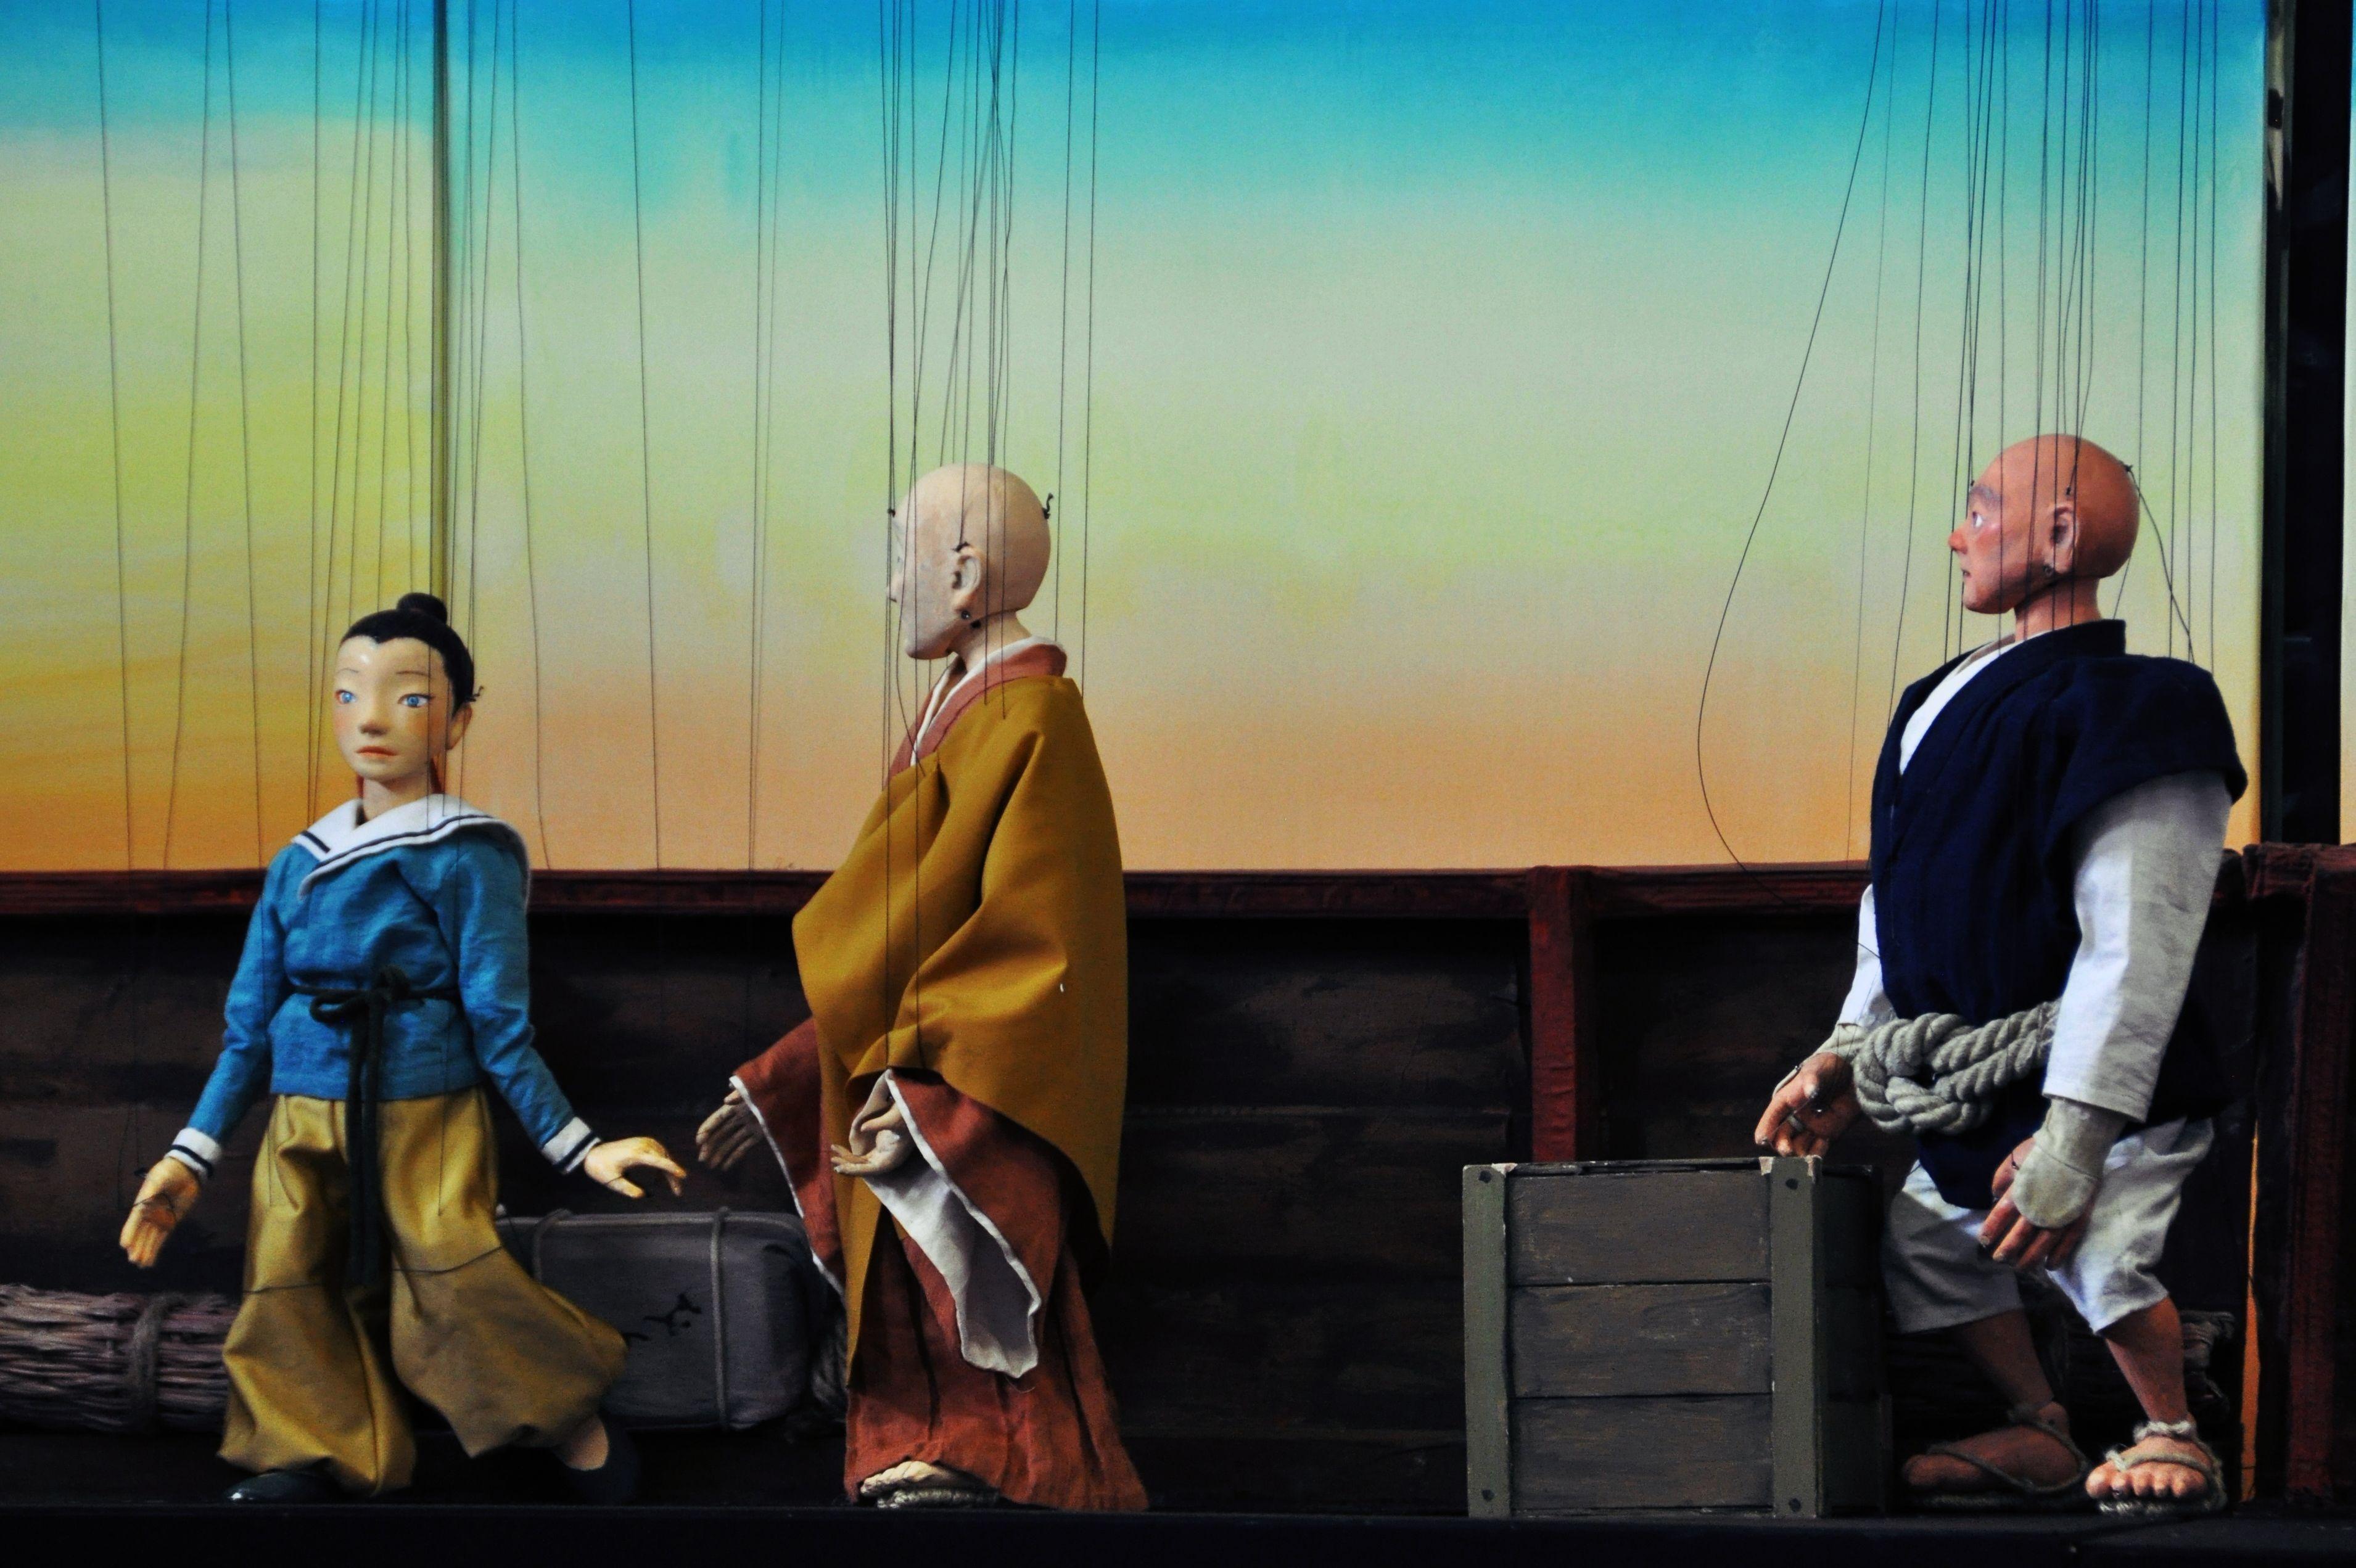 ITOプロジェクト『高丘親王航海記』通し稽古より。 [撮影]吉永美和子(このページすべて)